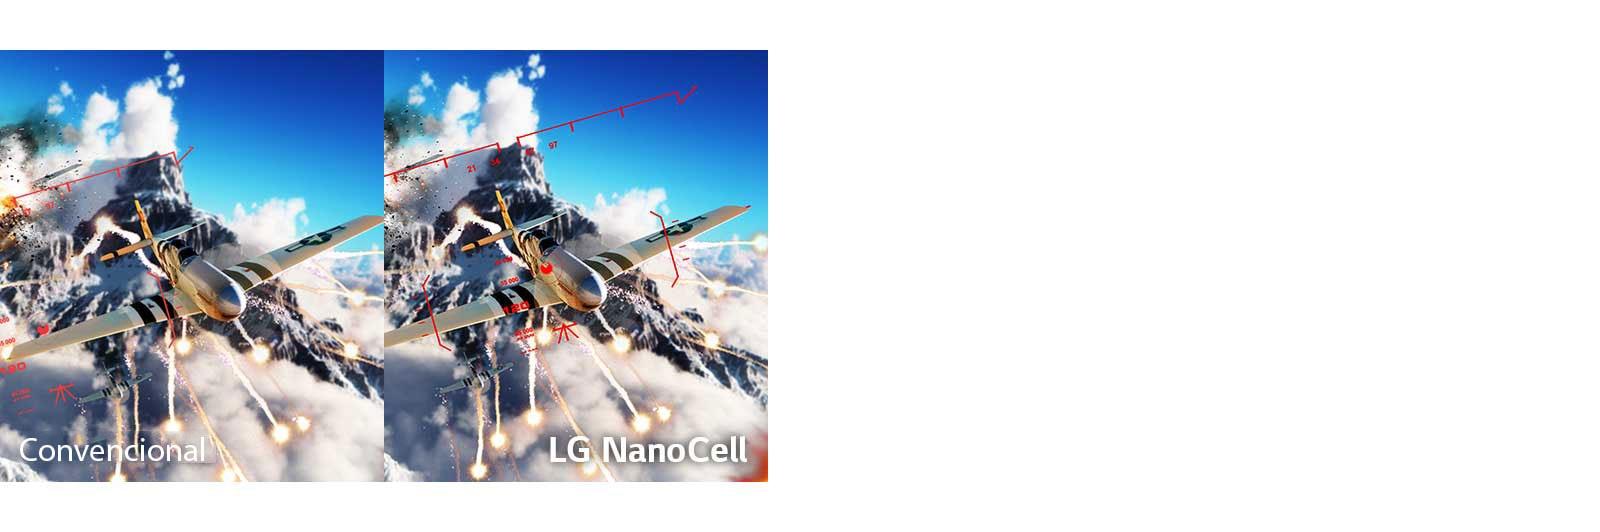 Una escena de un juego de batallas con el avión